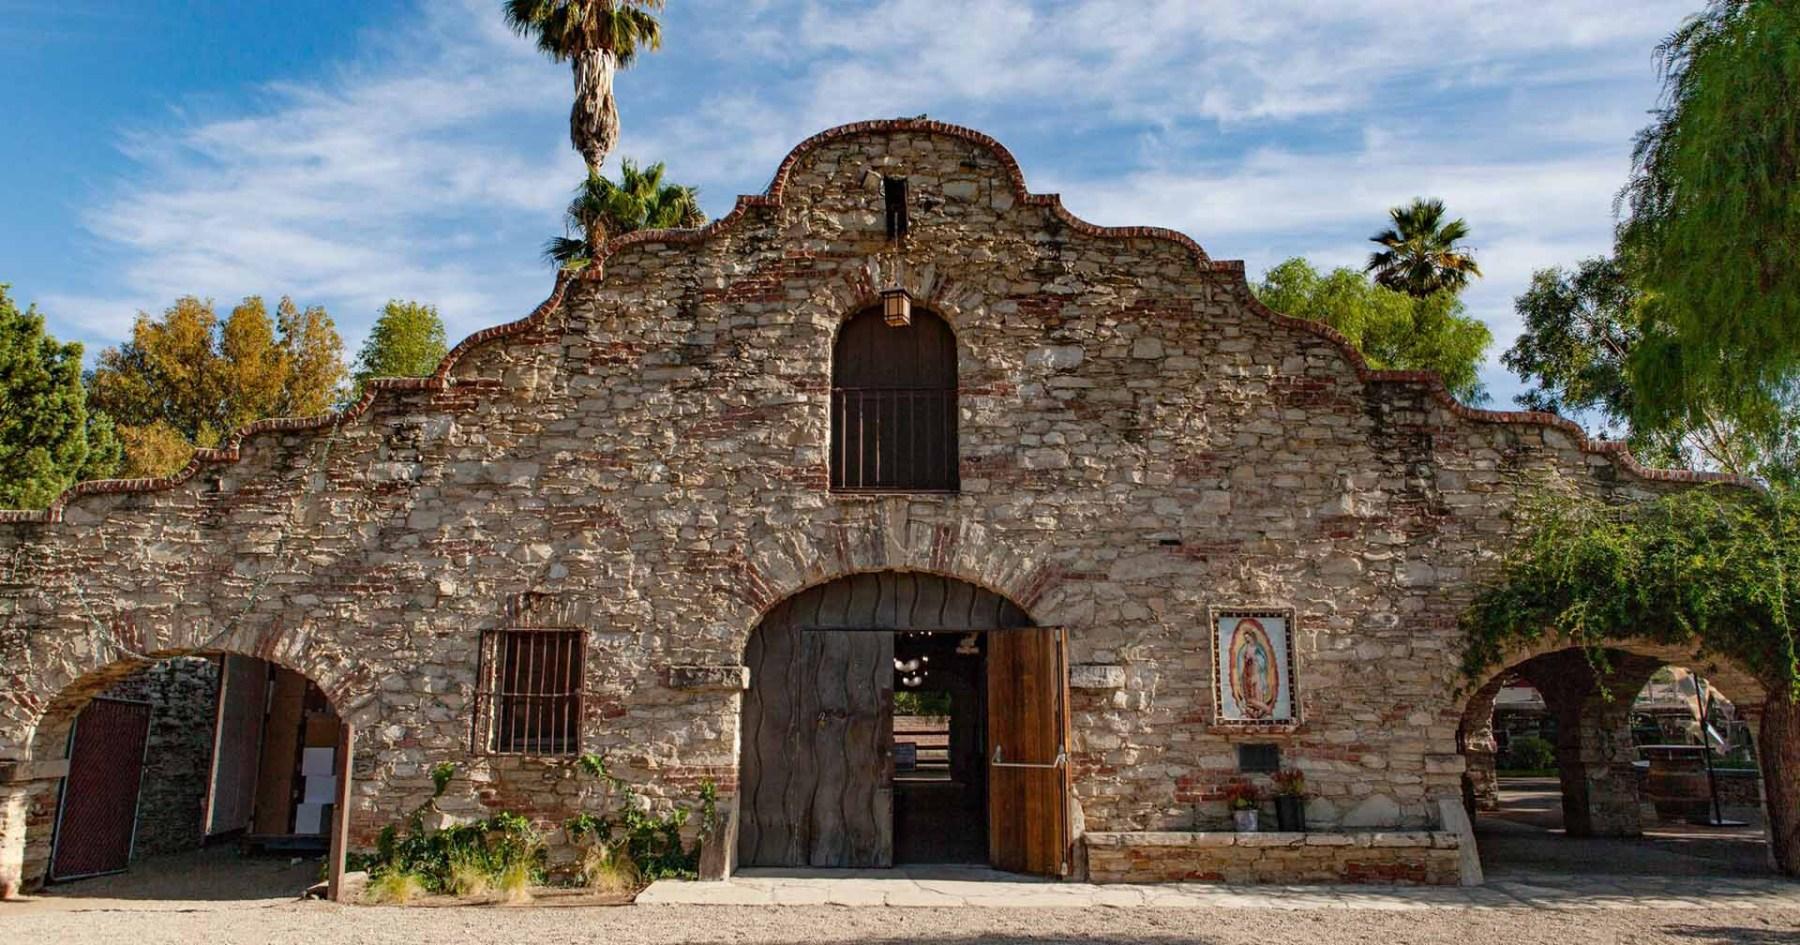 Malibu Wines' New Outpost Is Half Tasting Room, Half Beer Garden